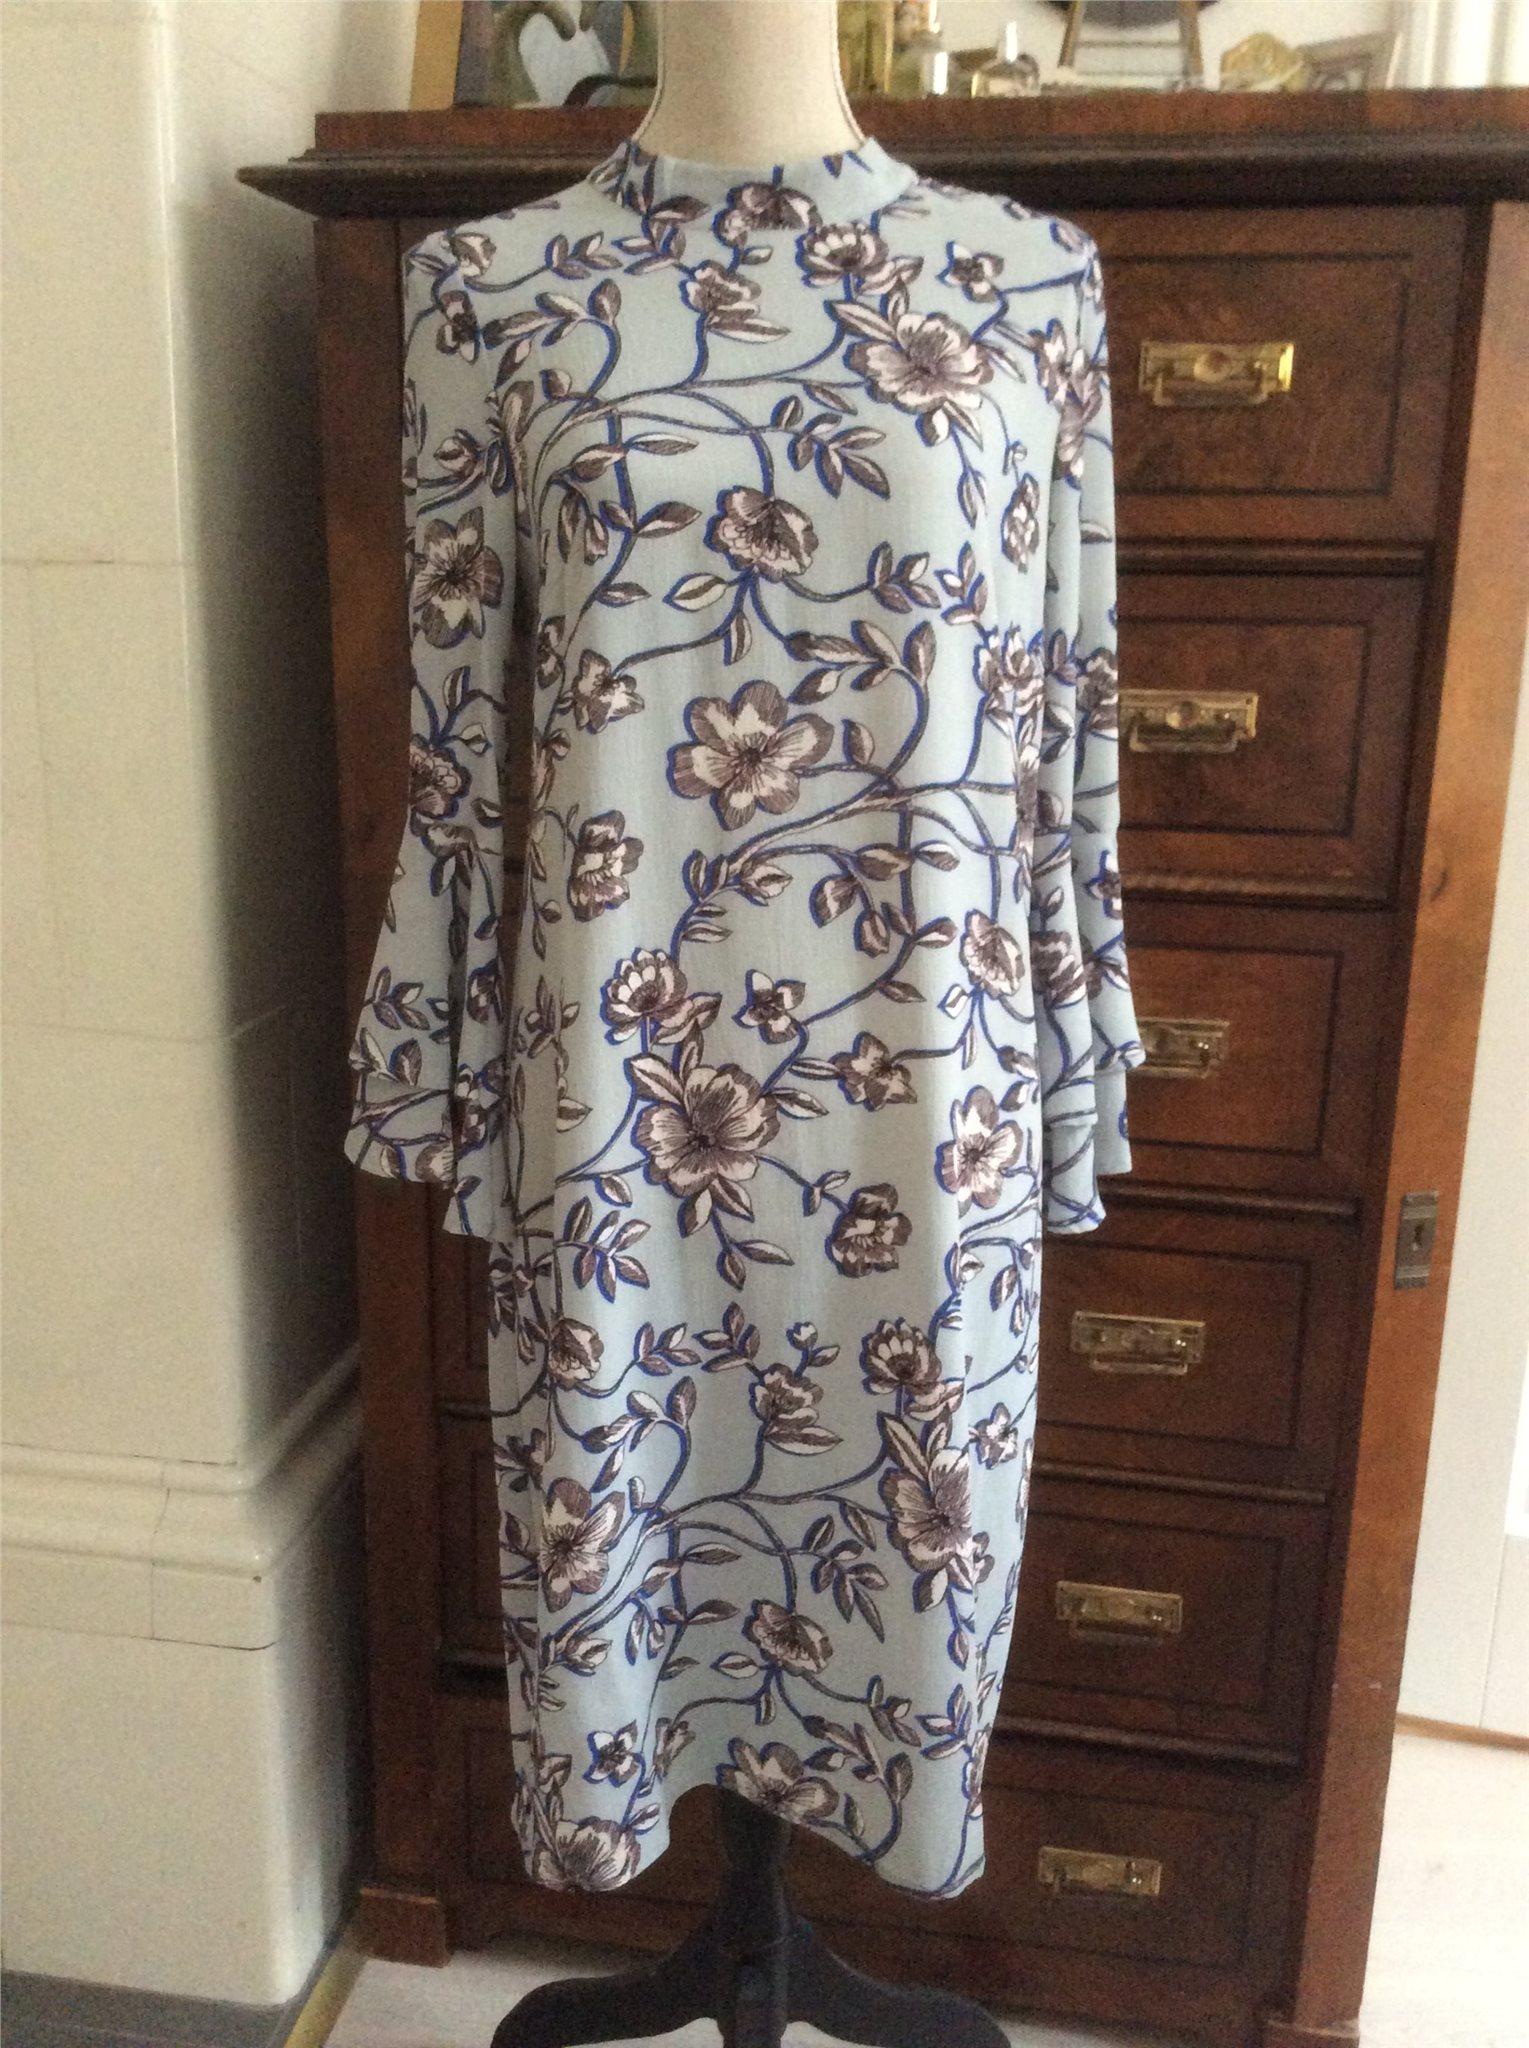 09556e24ad80 Indiska klänning,S, blommig crepe,blå,vit,brun,.. (342563851) ᐈ Köp ...